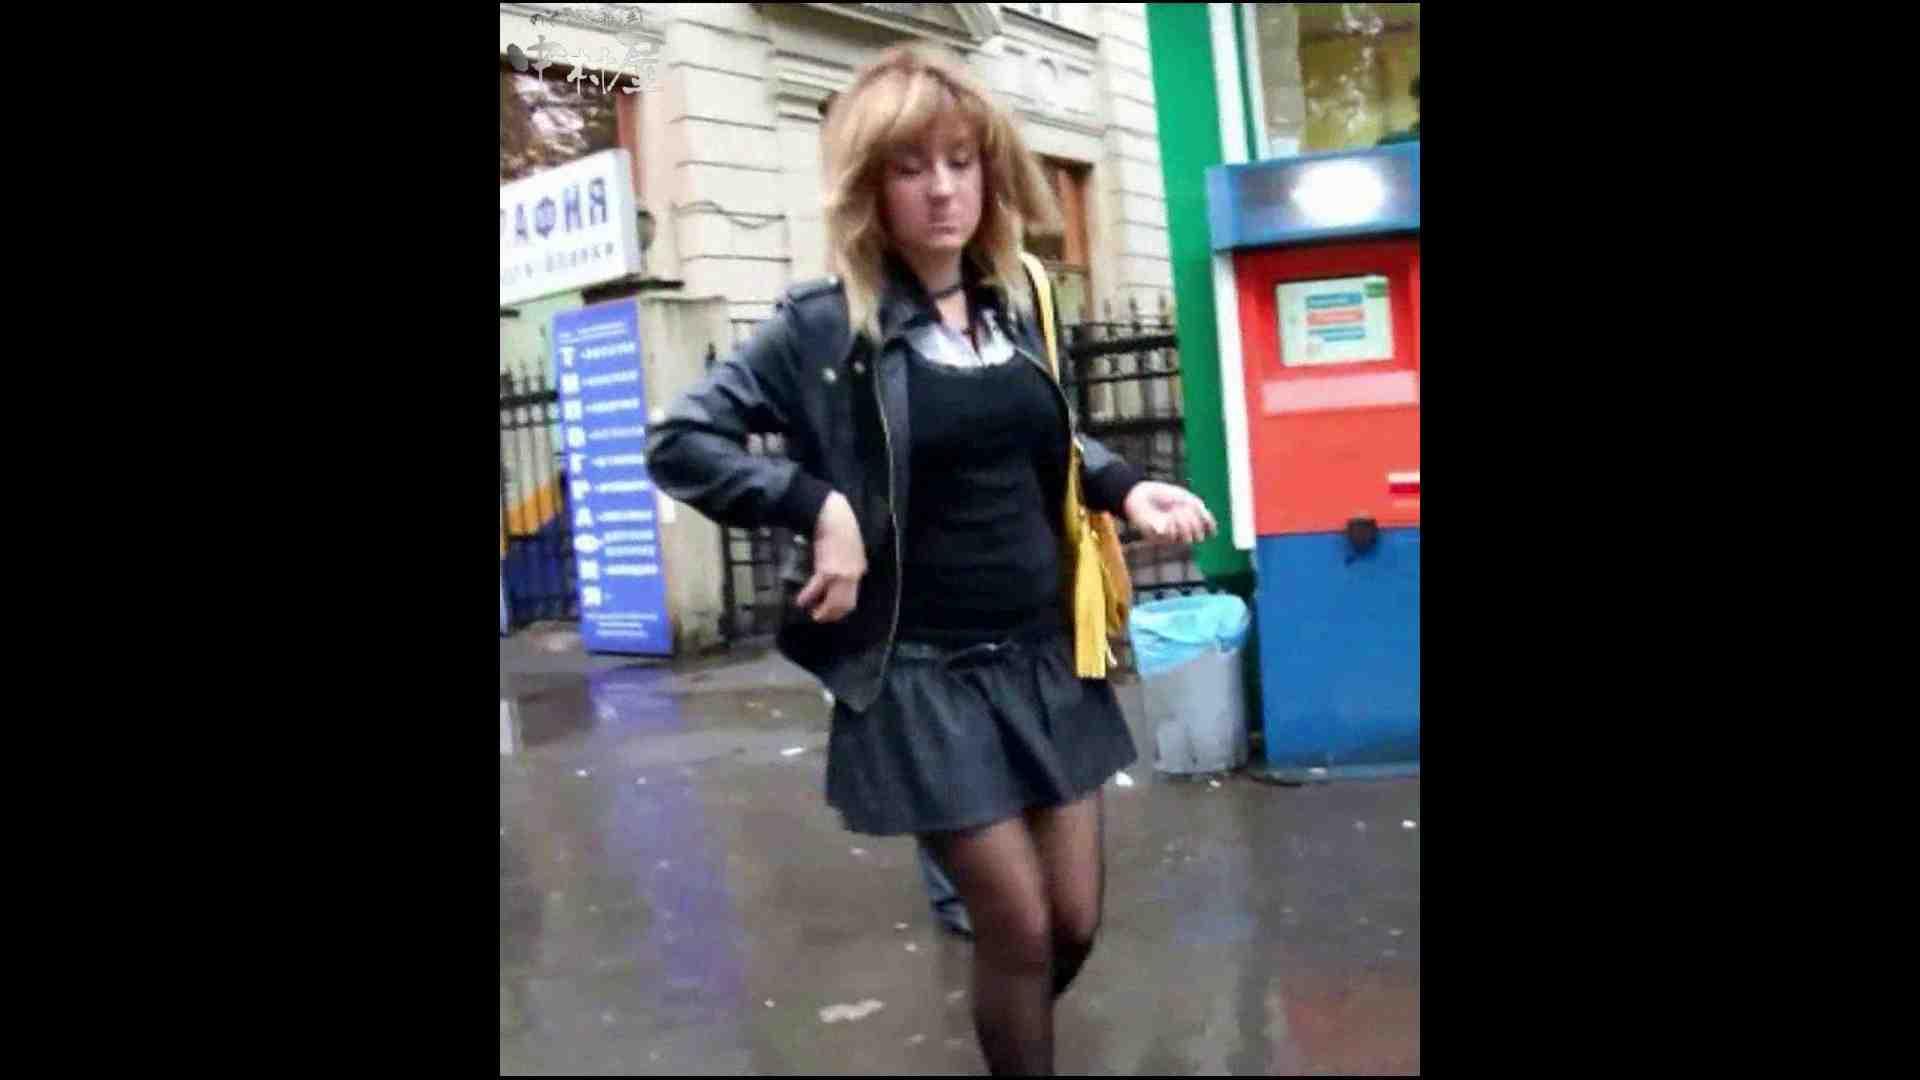 綺麗なモデルさんのスカート捲っちゃおう‼ vol25 Hなお姉さん | モデルヌード  87pic 65